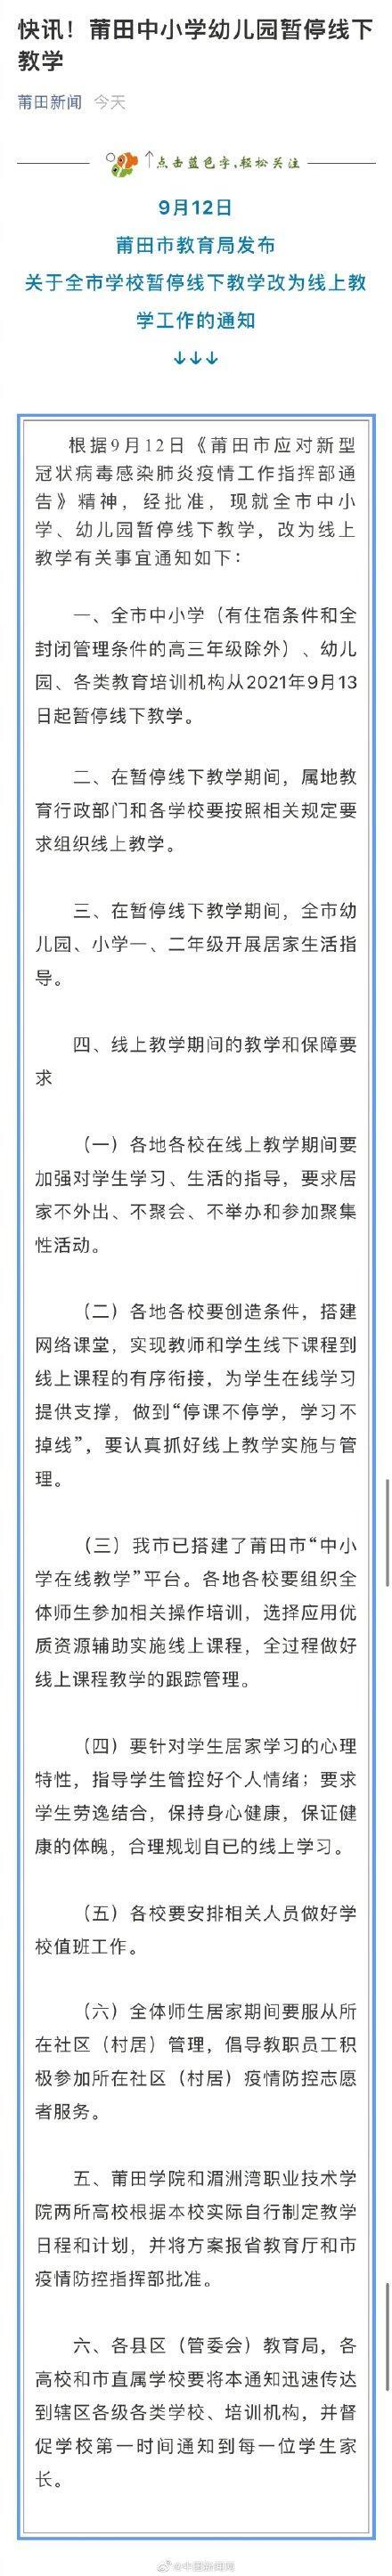 莆田中小学幼儿园暂停线下教学 全球新闻风头榜 第1张